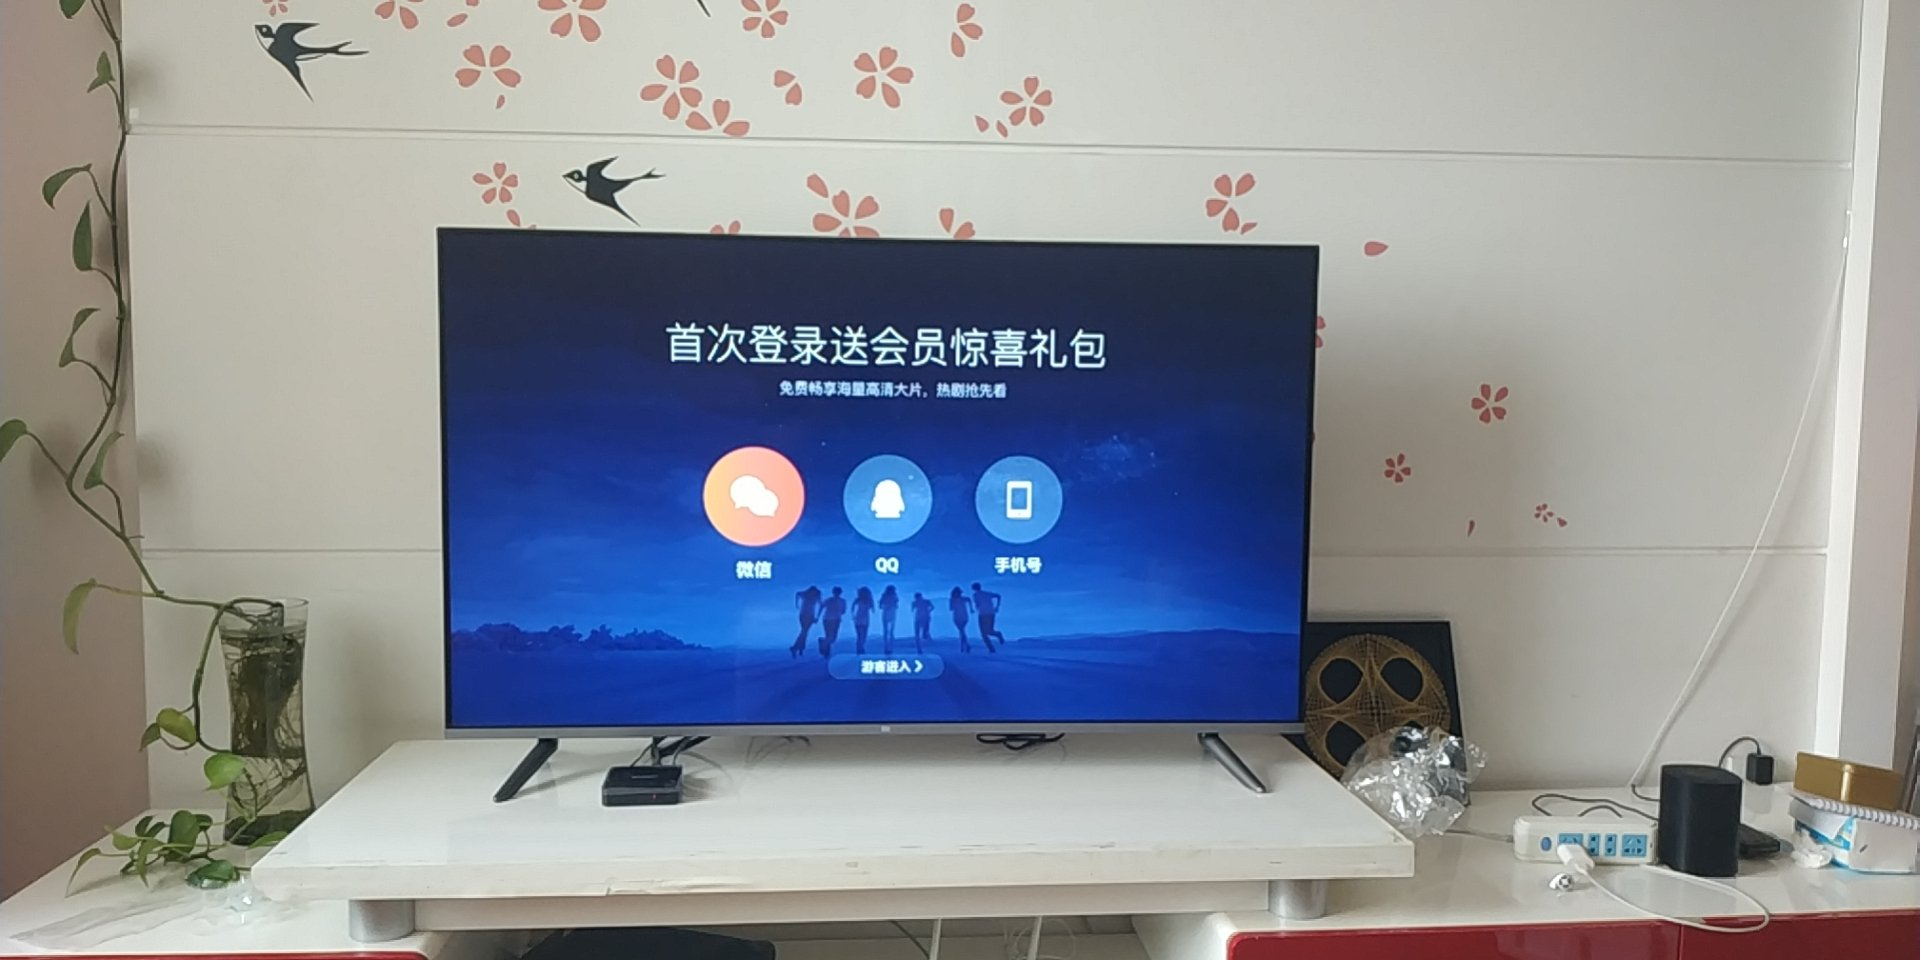 小米全面屏电视55英寸,不会手机的长辈也能上手